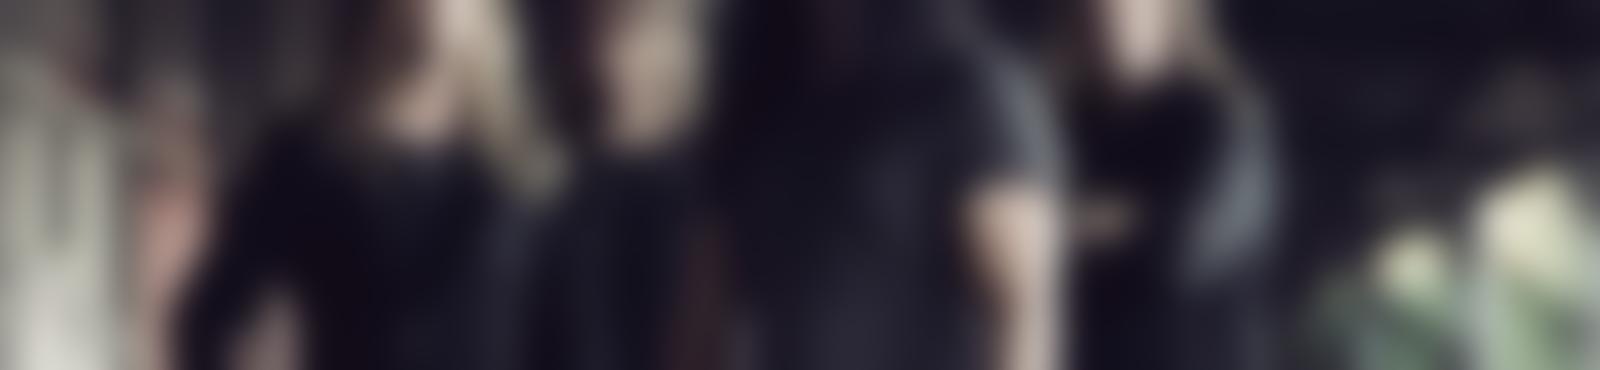 Blurred b5166a72 9d0b 40b7 a886 b287f4a2dcc7